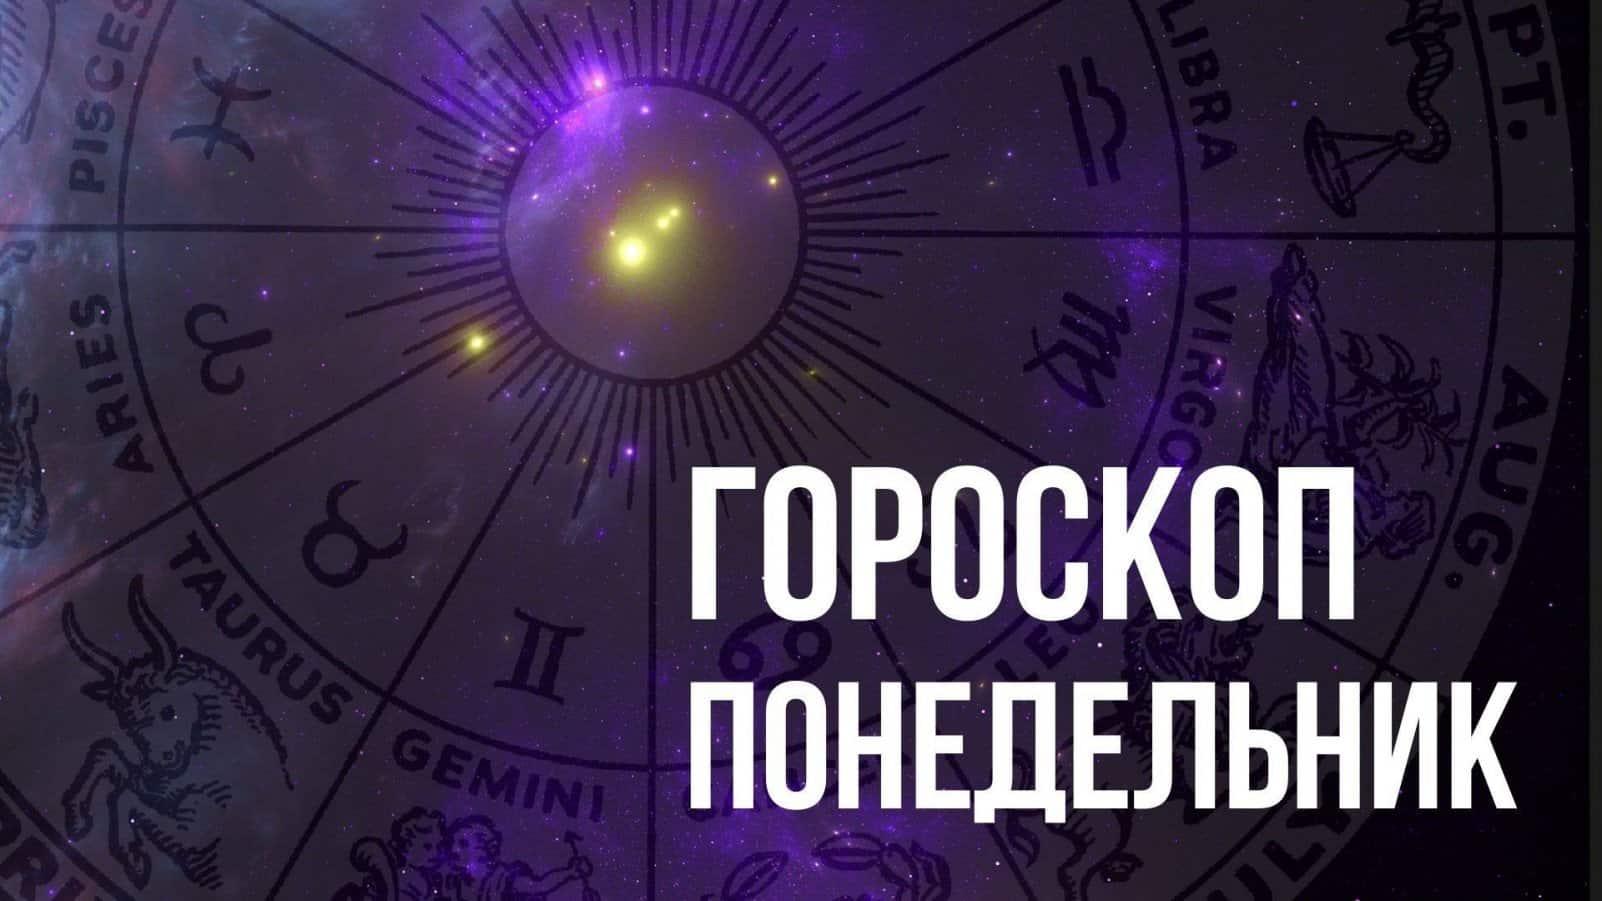 Гороскоп на понедельник 5 апреля для каждого знака Зодиака